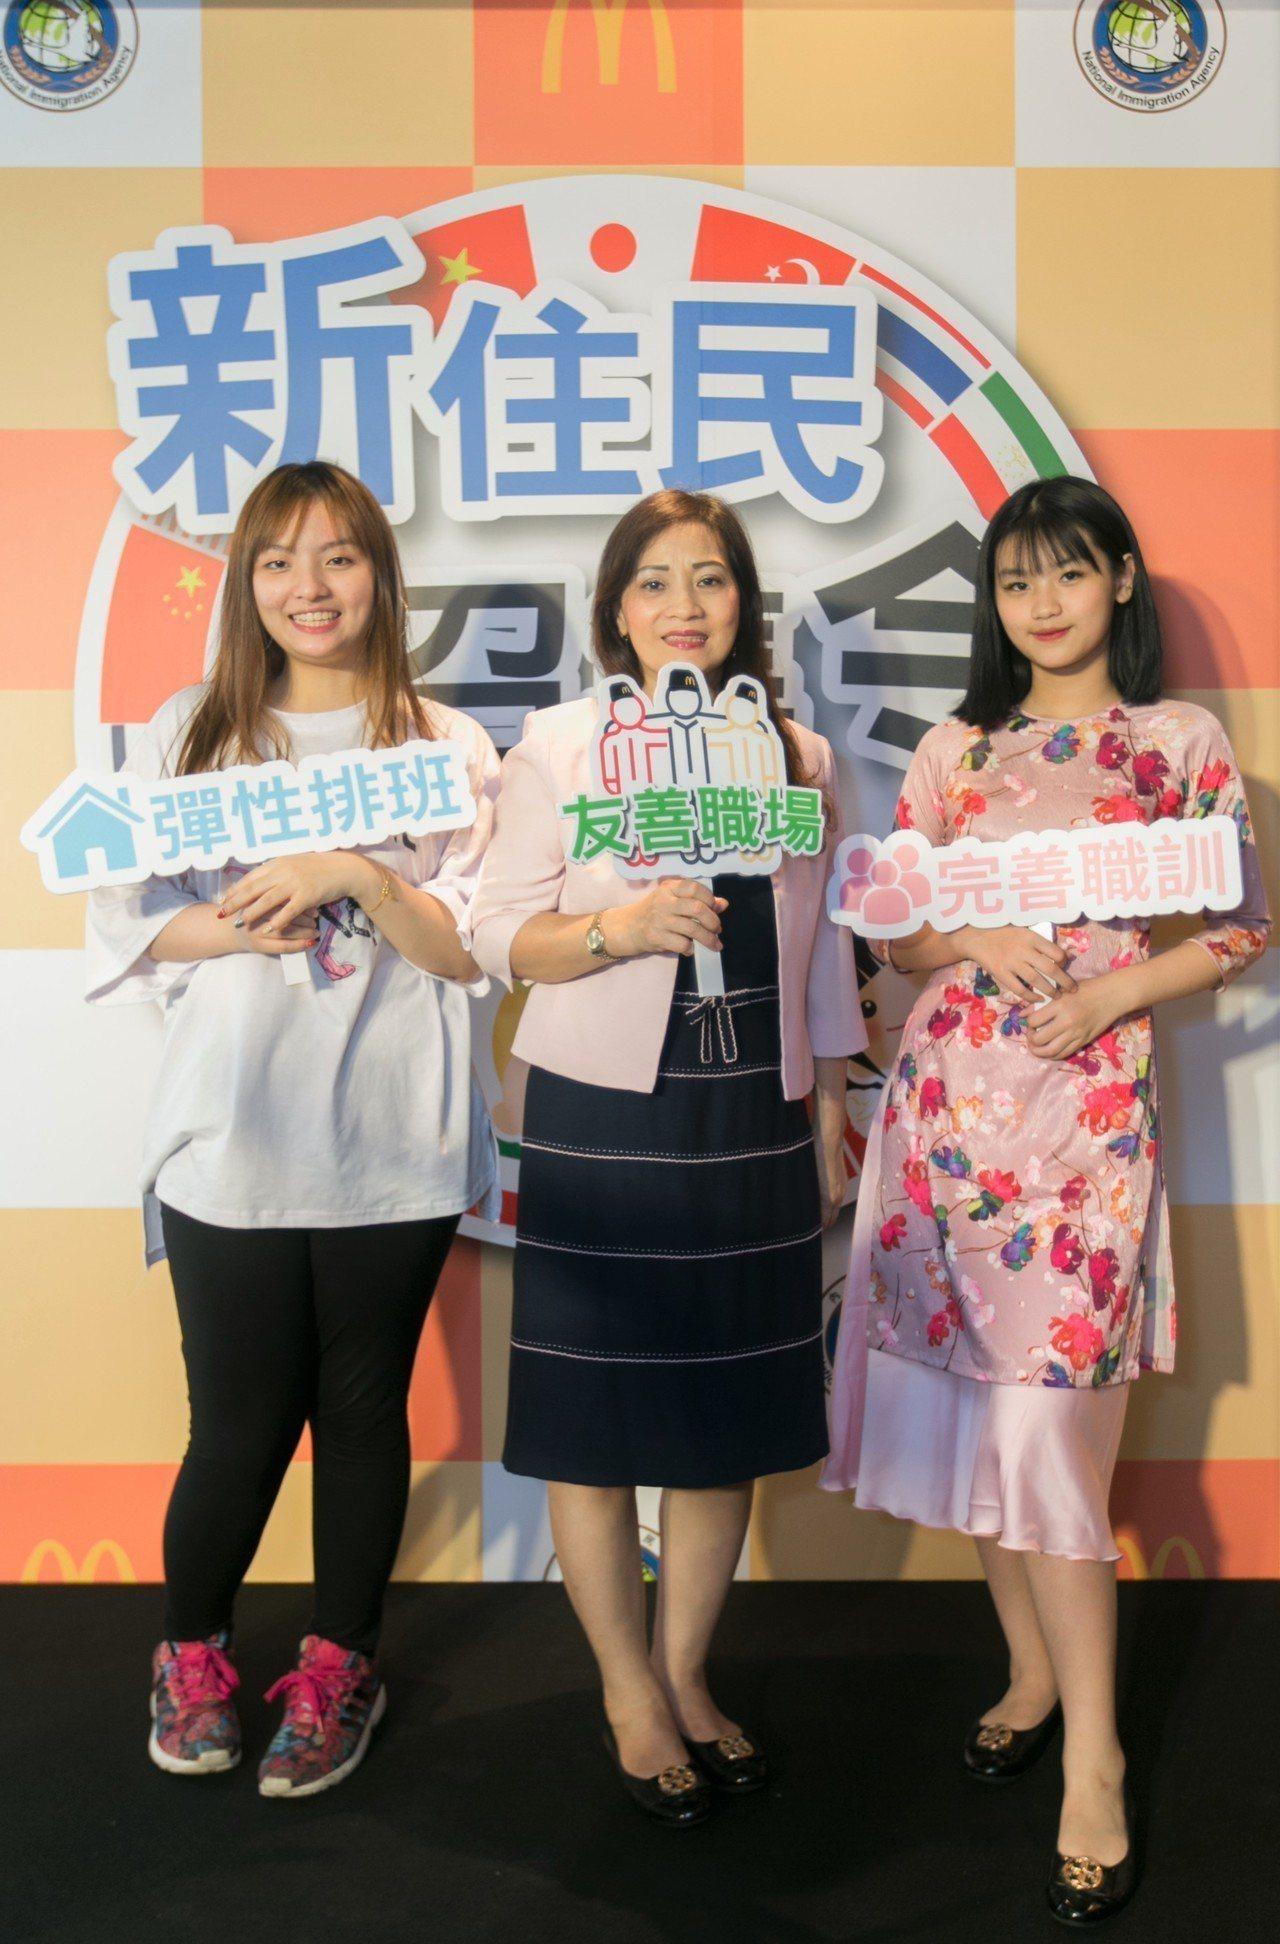 麥當勞領先業界,率先針對新住民及其二代招募,盼他們在台灣落地深耕。圖/麥當勞提供